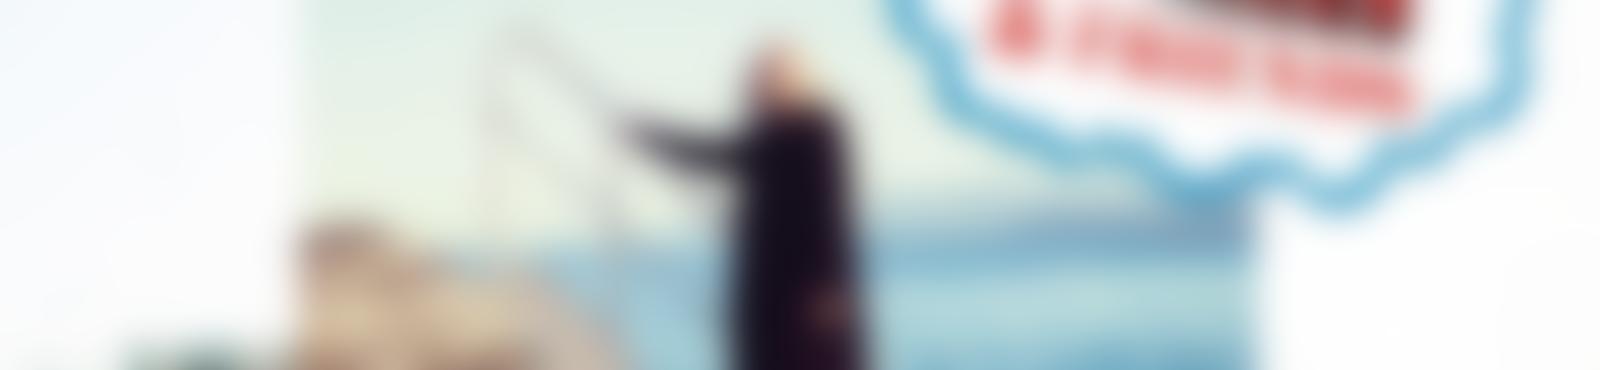 Blurred 91190b8a f59b 4fa3 a941 9a828fc92653